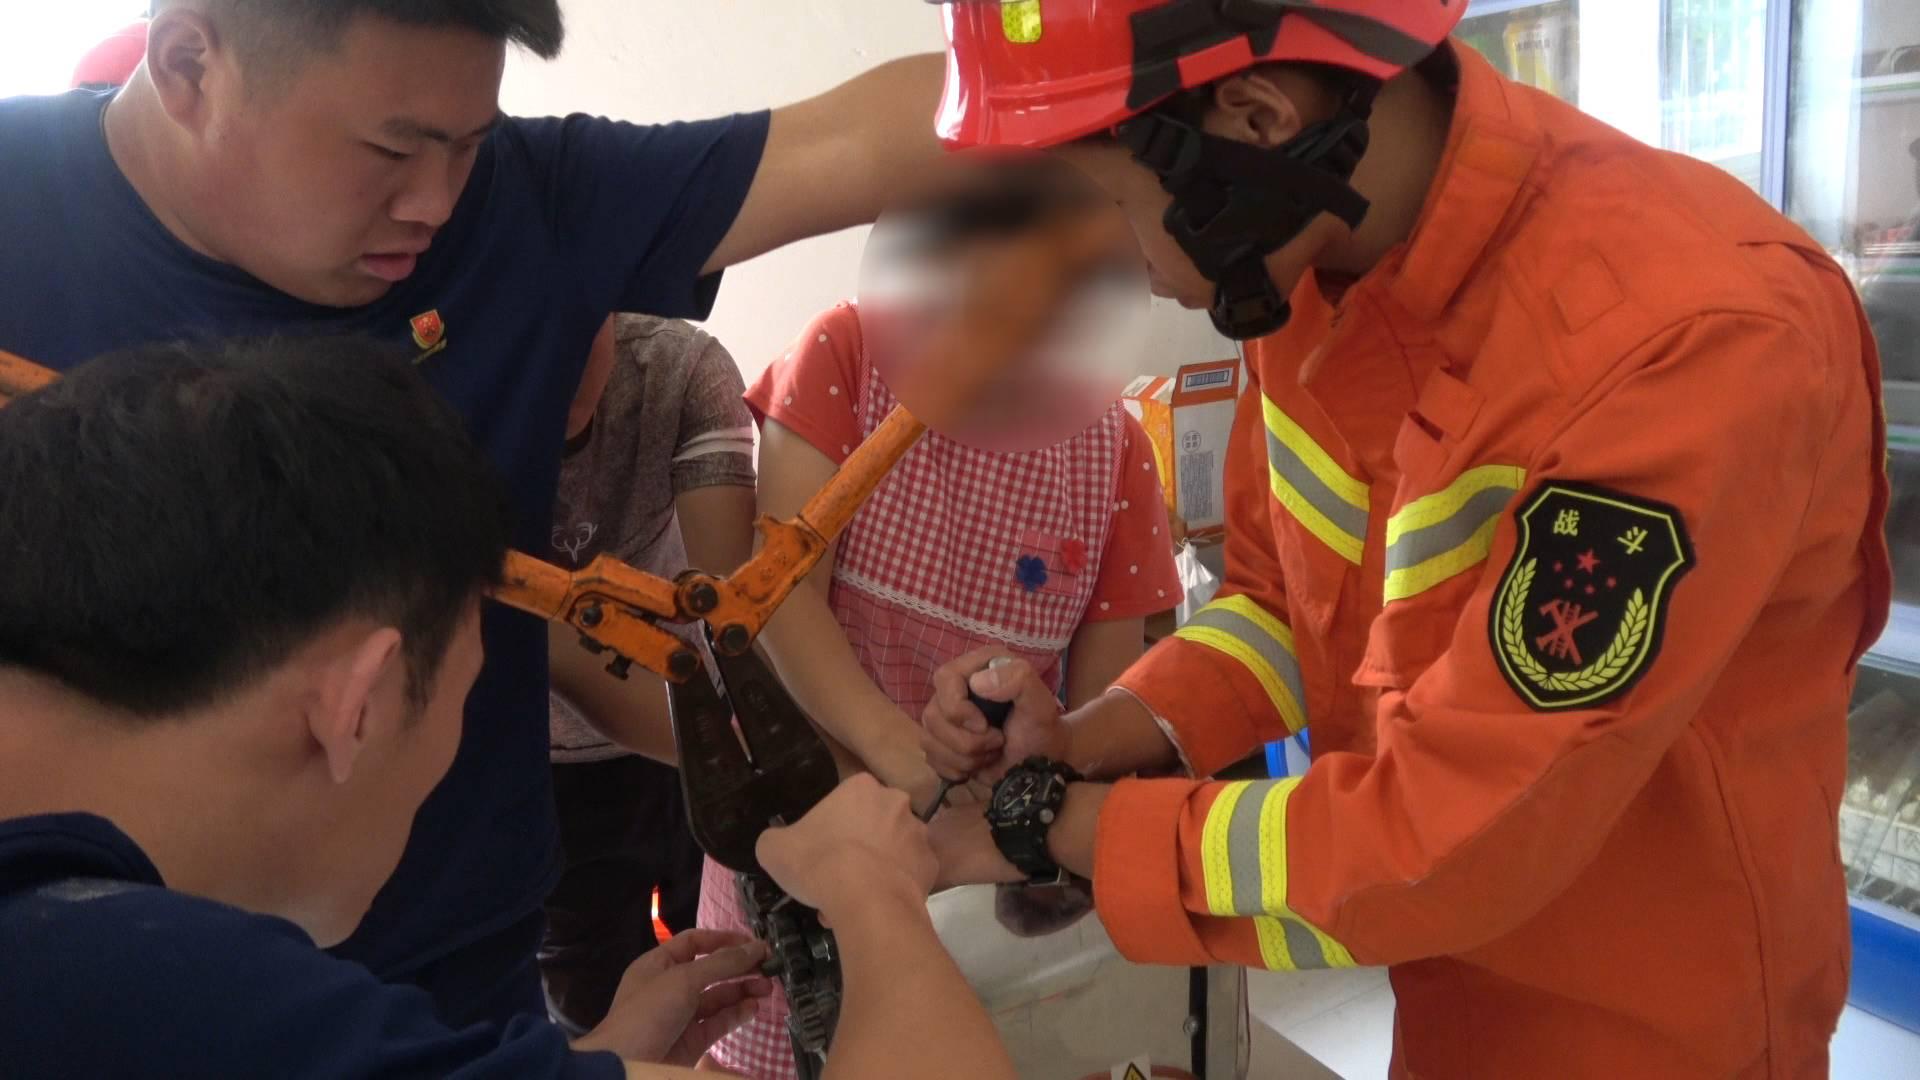 30秒|临沂一女子手卡压面机 消防员5分钟成功救出